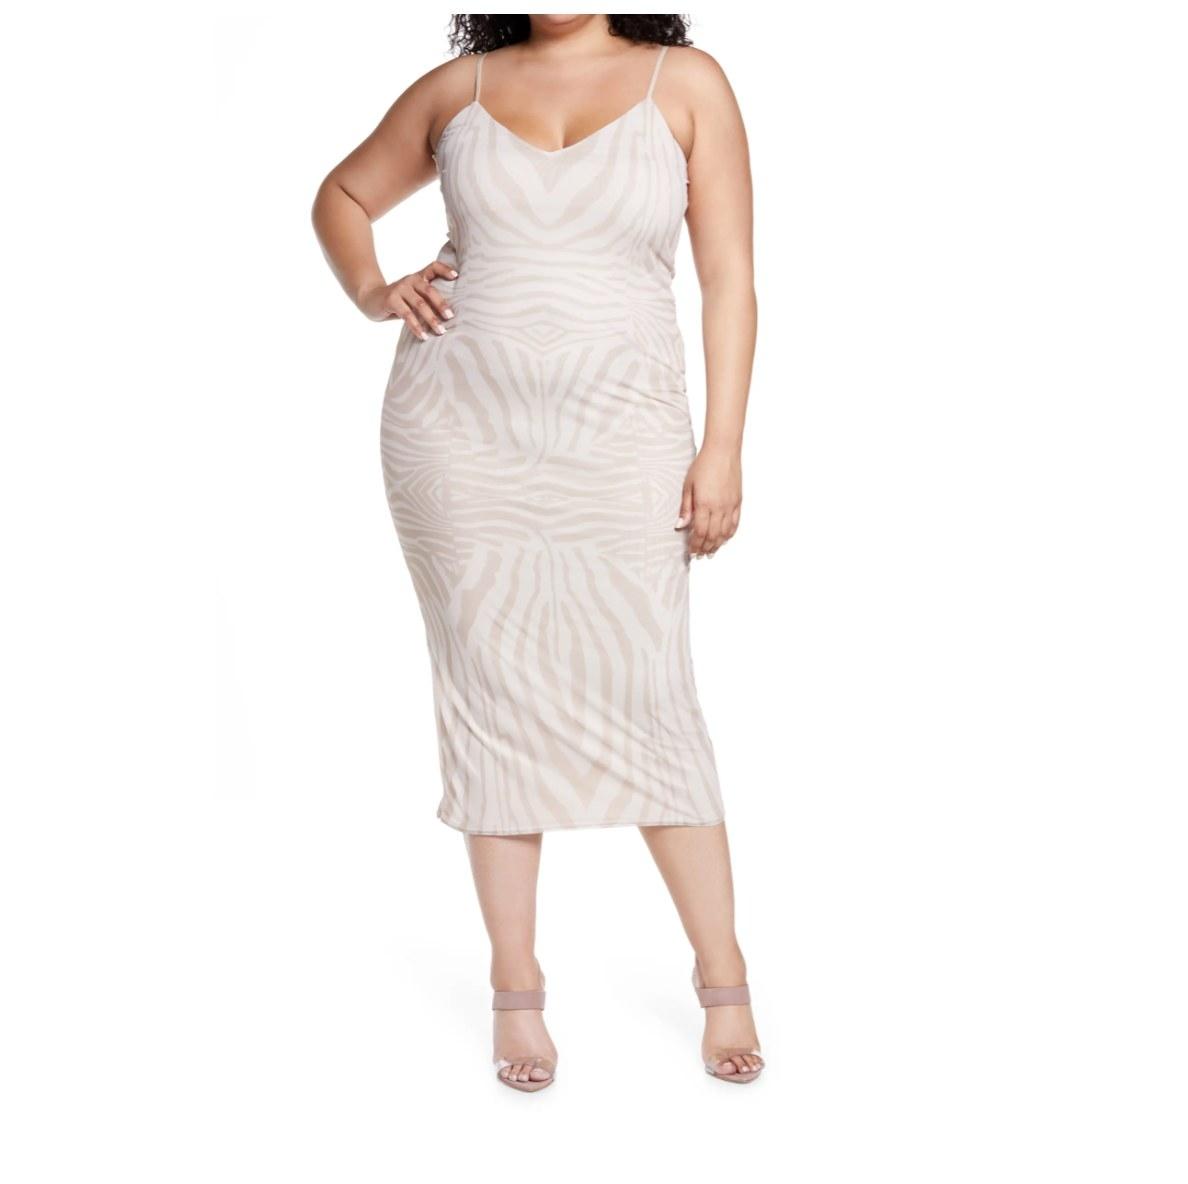 The ivory and beige print midi dress